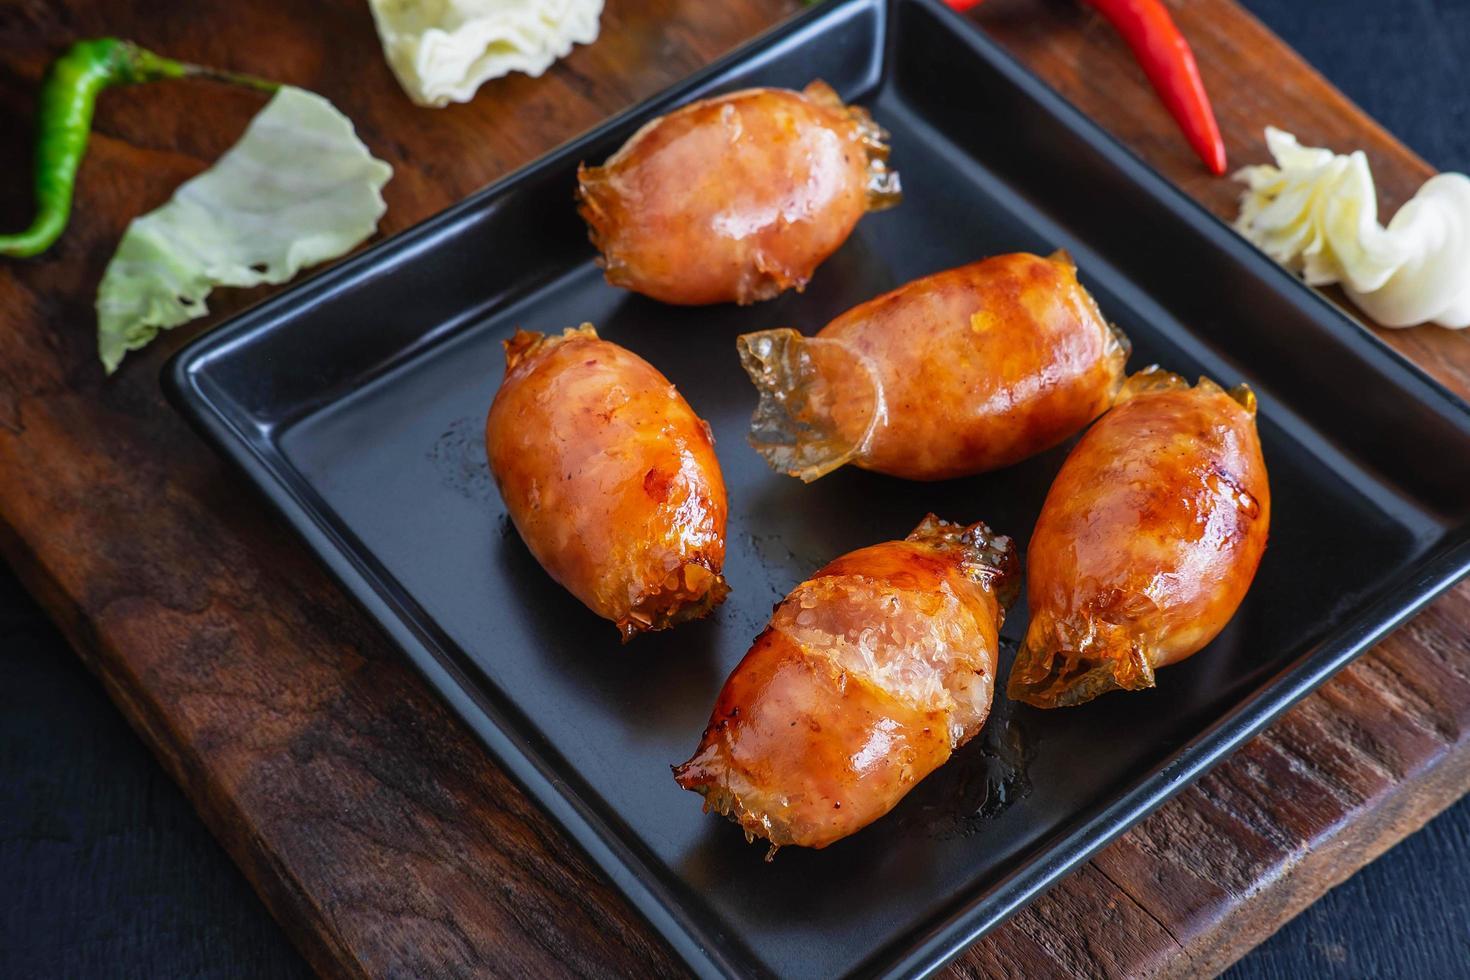 salsicce fatte in casa fritte in padella foto